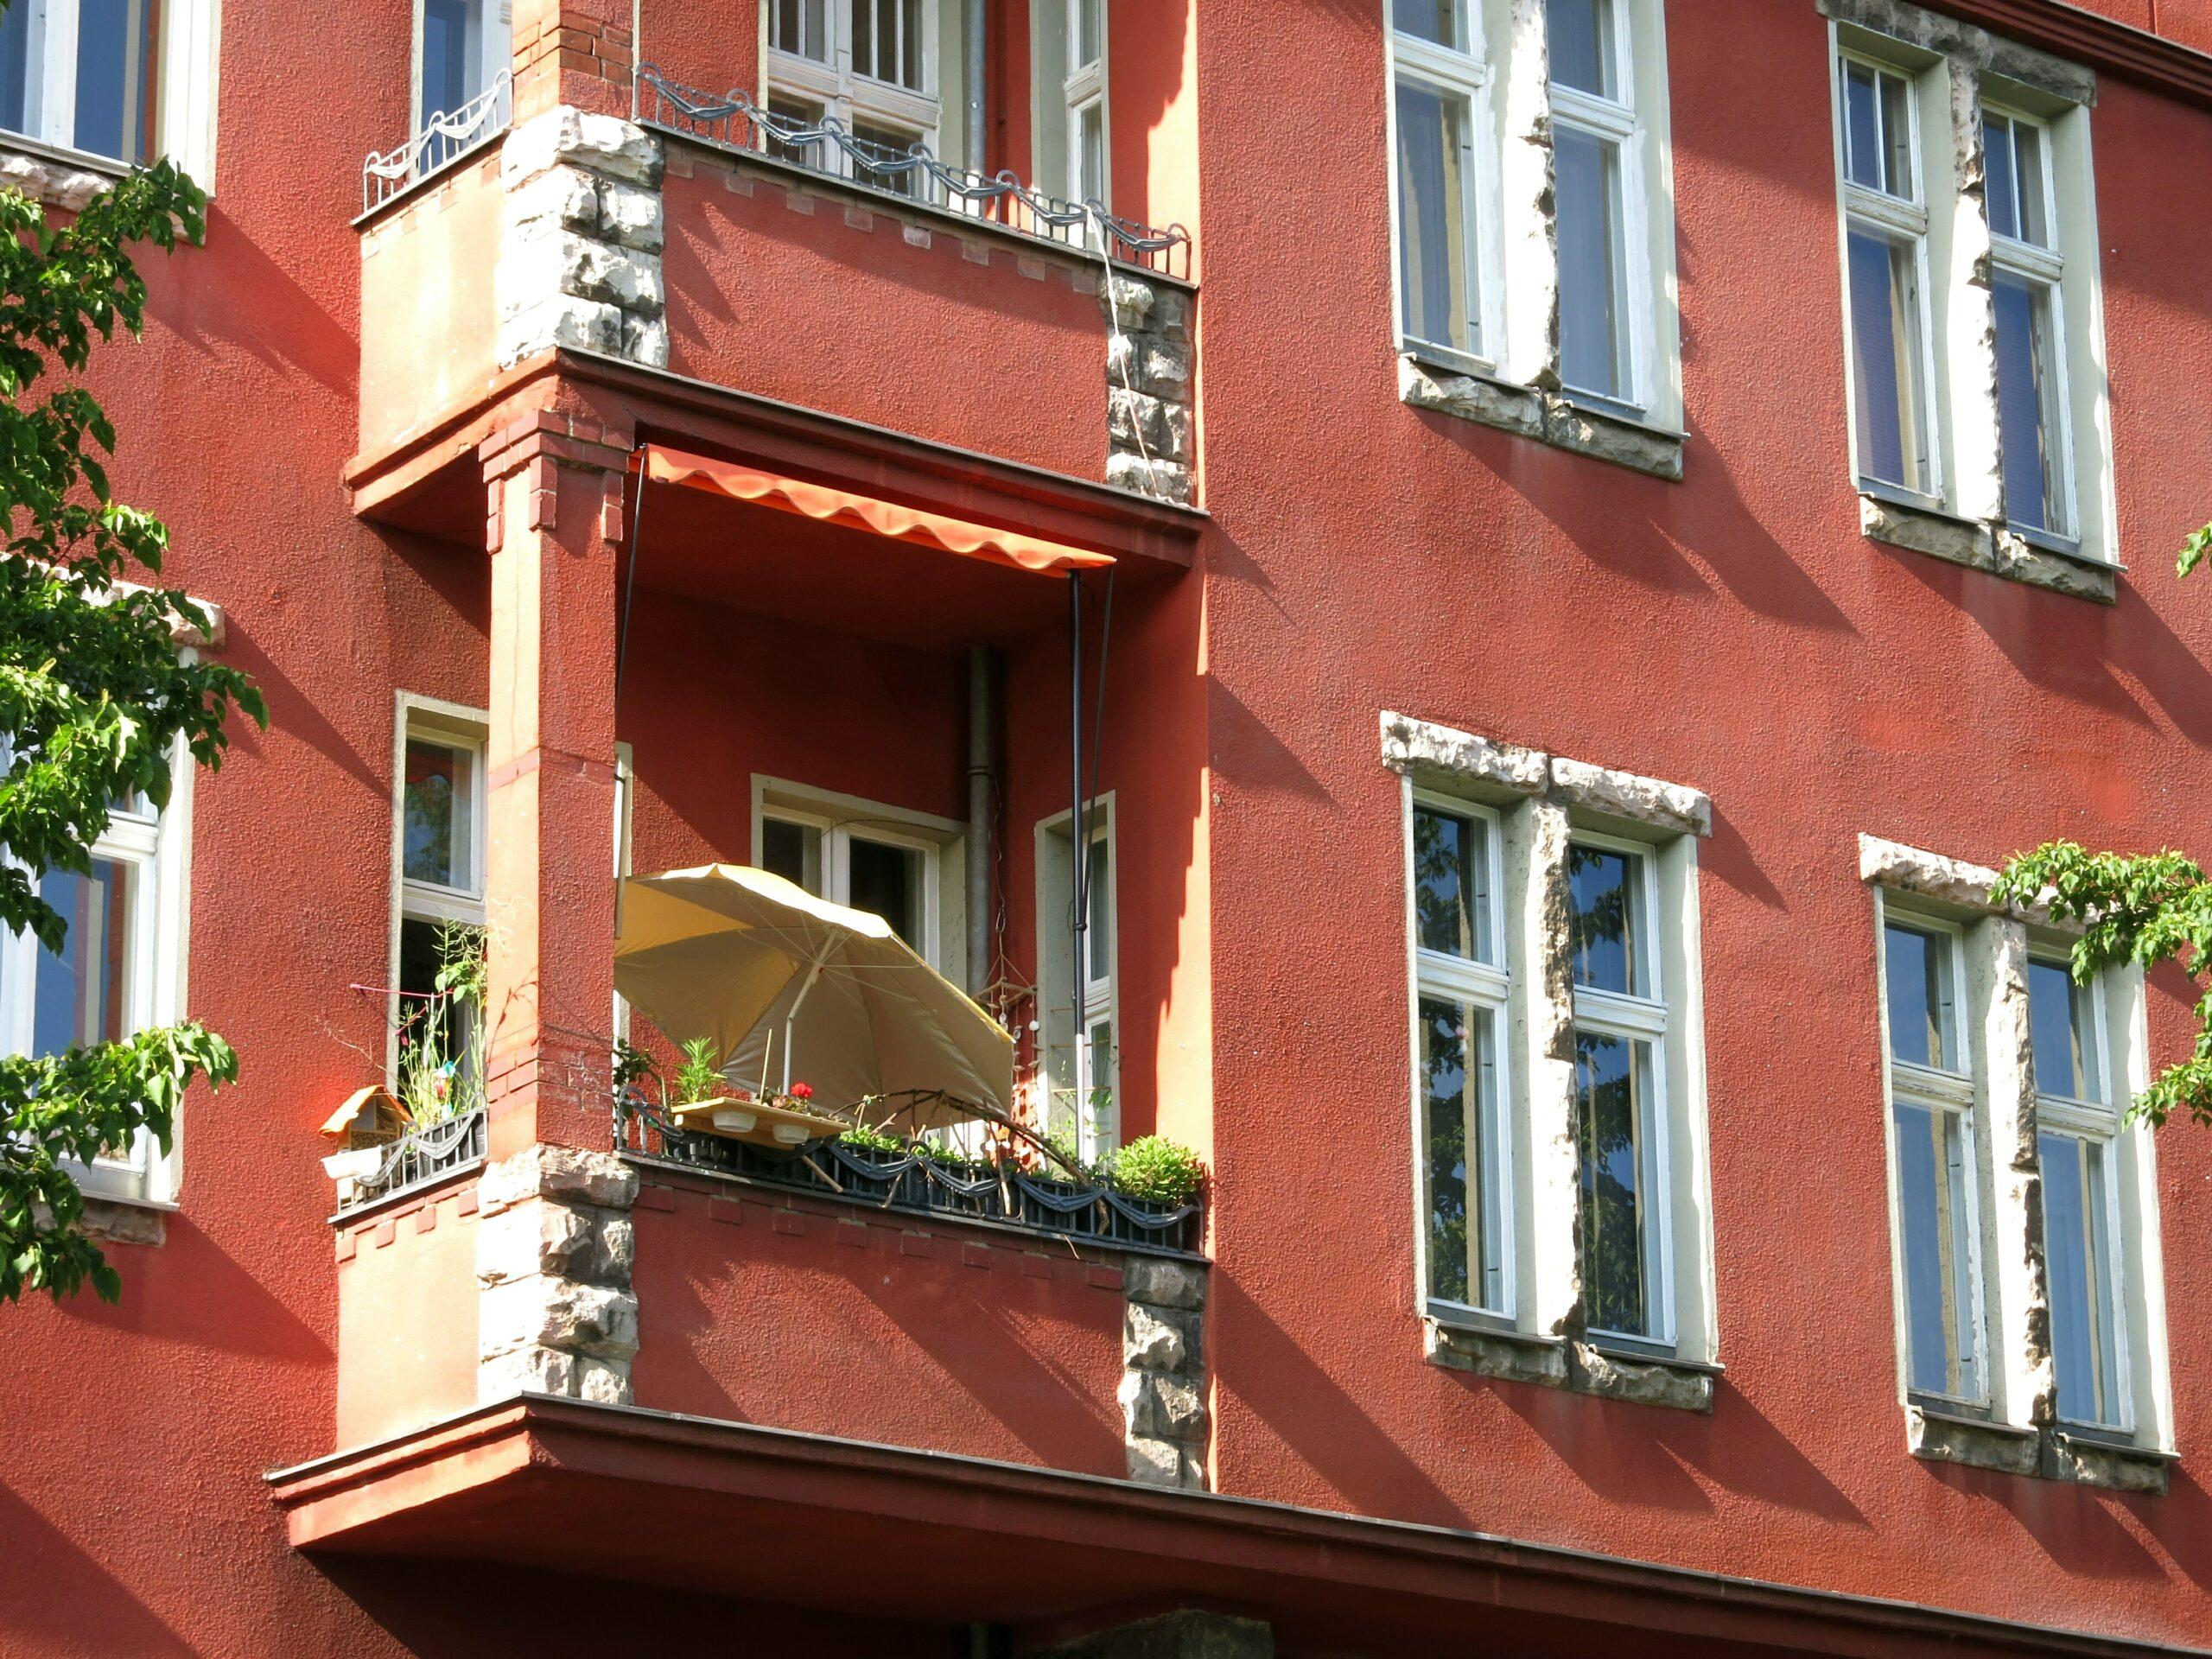 Berlin real estate investor buys residential buildings in eastern Germany